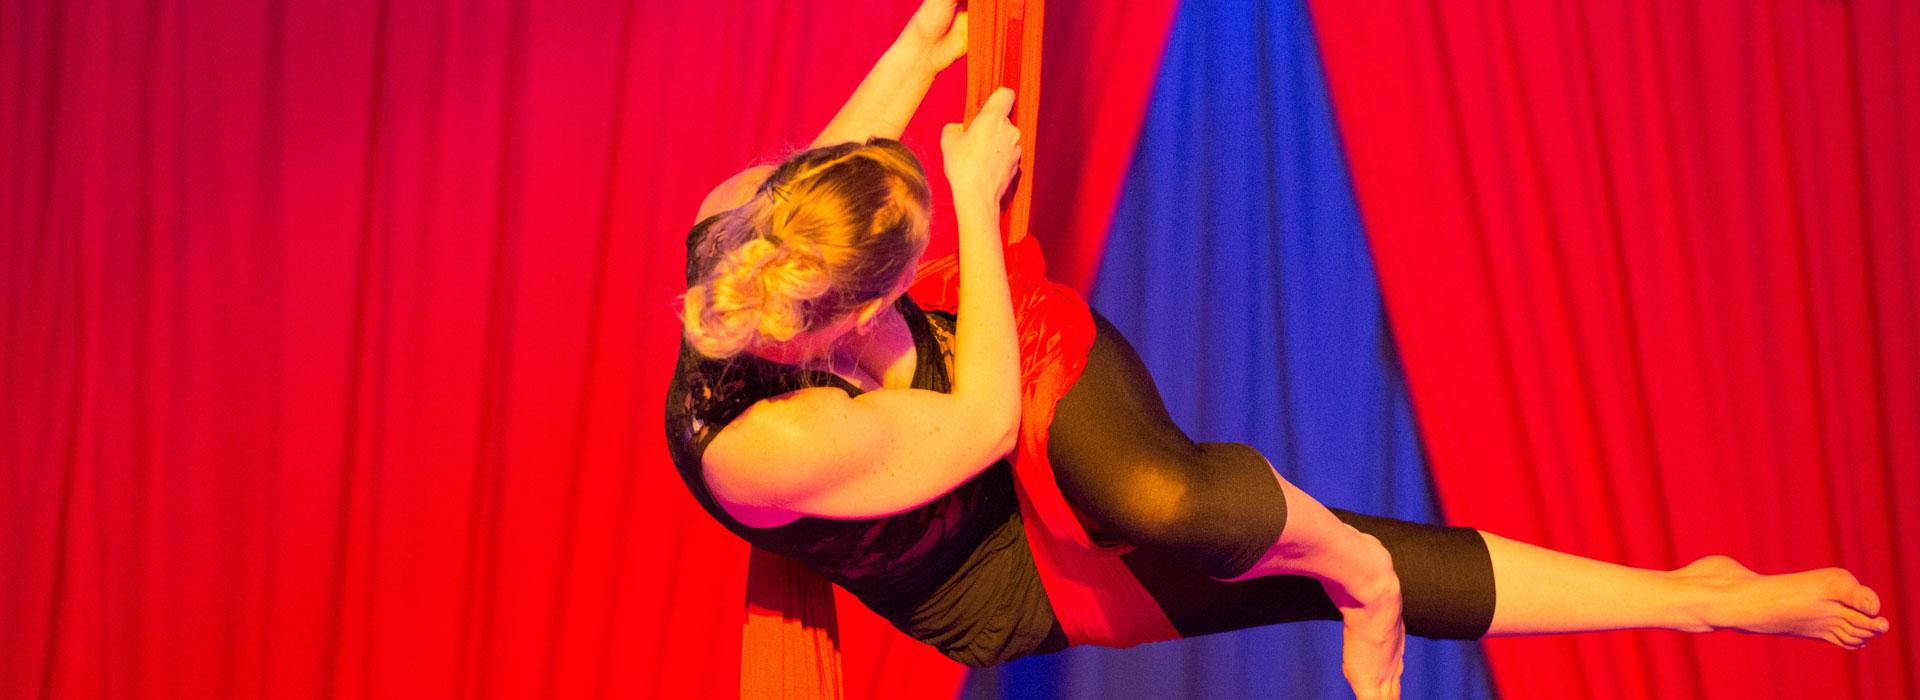 Découvrir les activités sociales | Les Ateliers de la Piste Achille Zavatta, école de cirque à Mulhouse